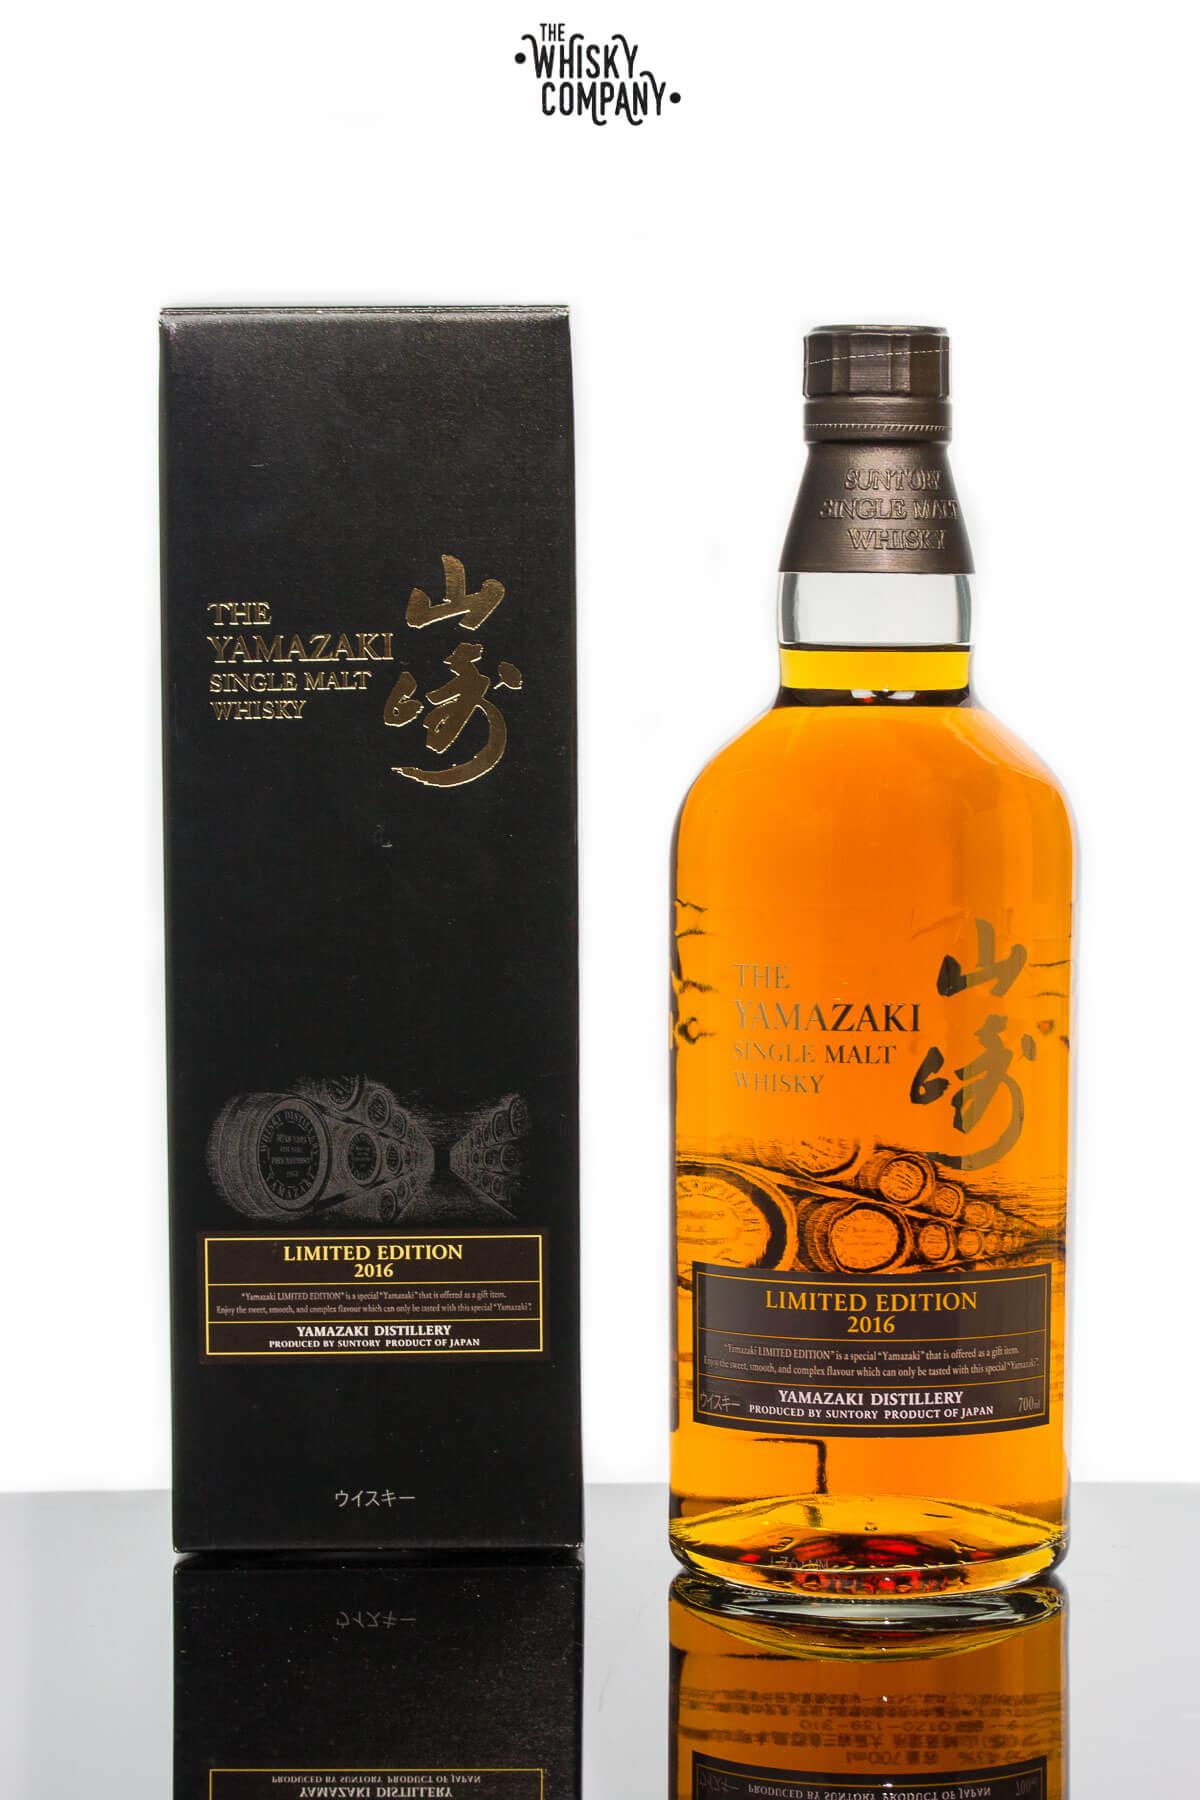 Yamazaki 2016 Limited Edition Japanese Single Malt Whisky